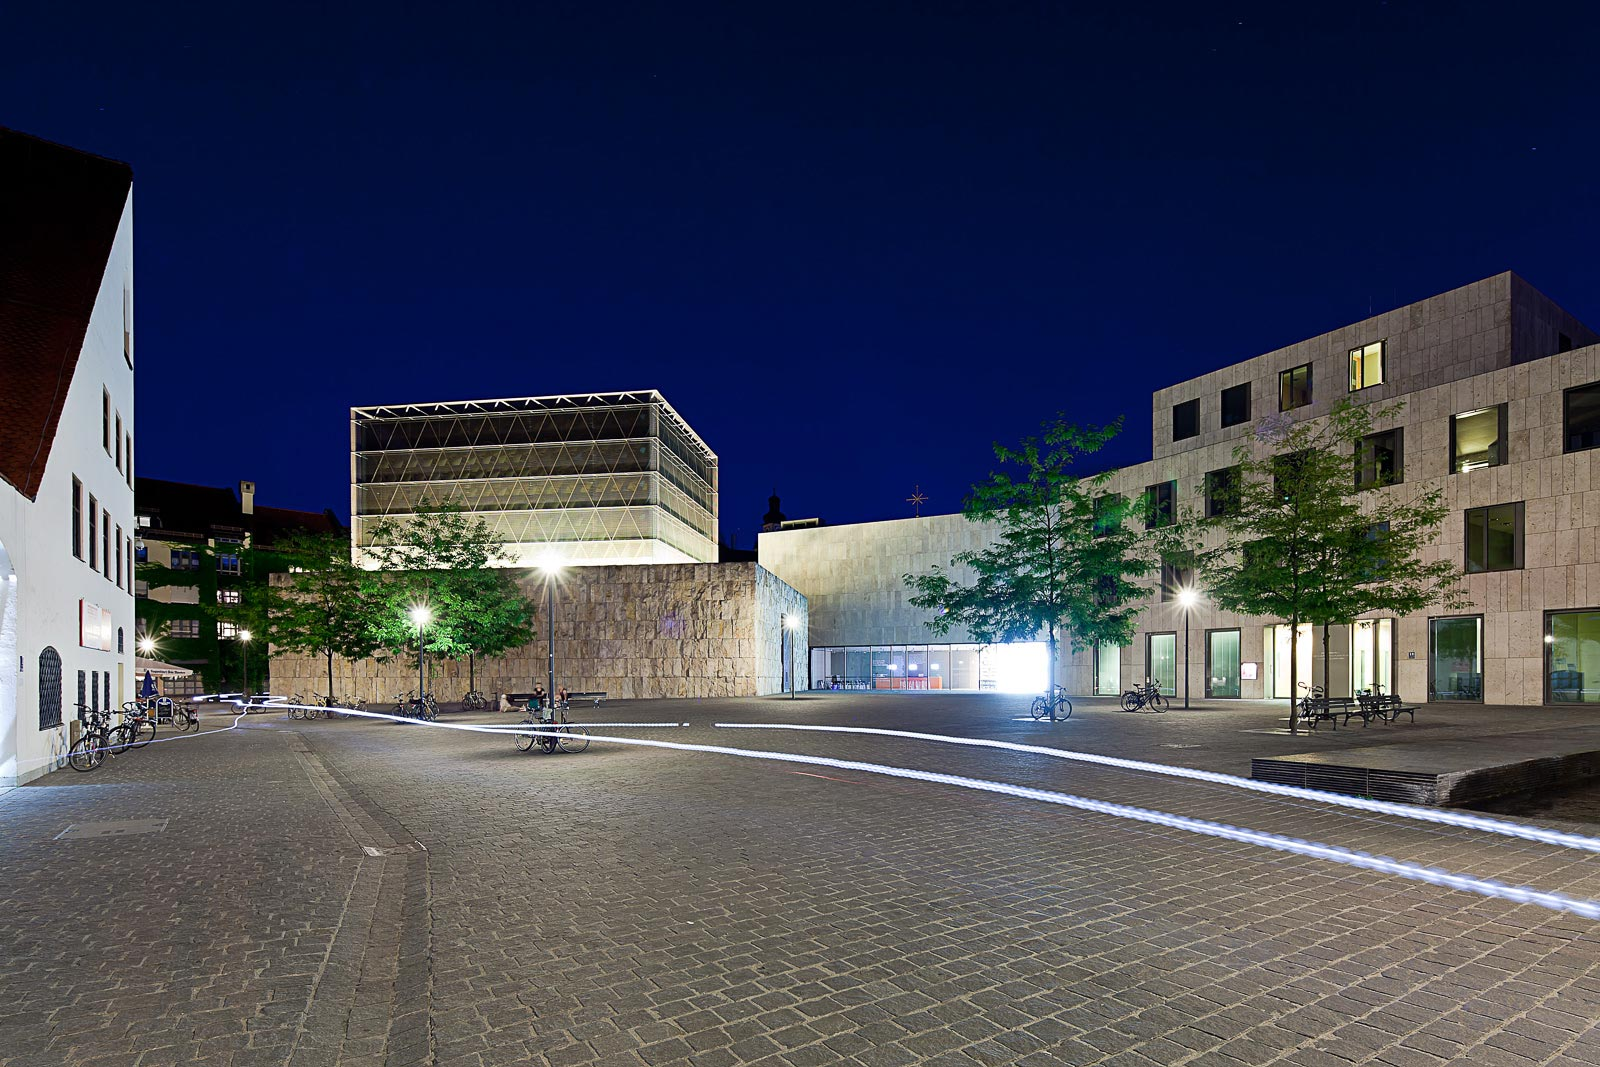 Architekturfotografie München, Abendaufnahme